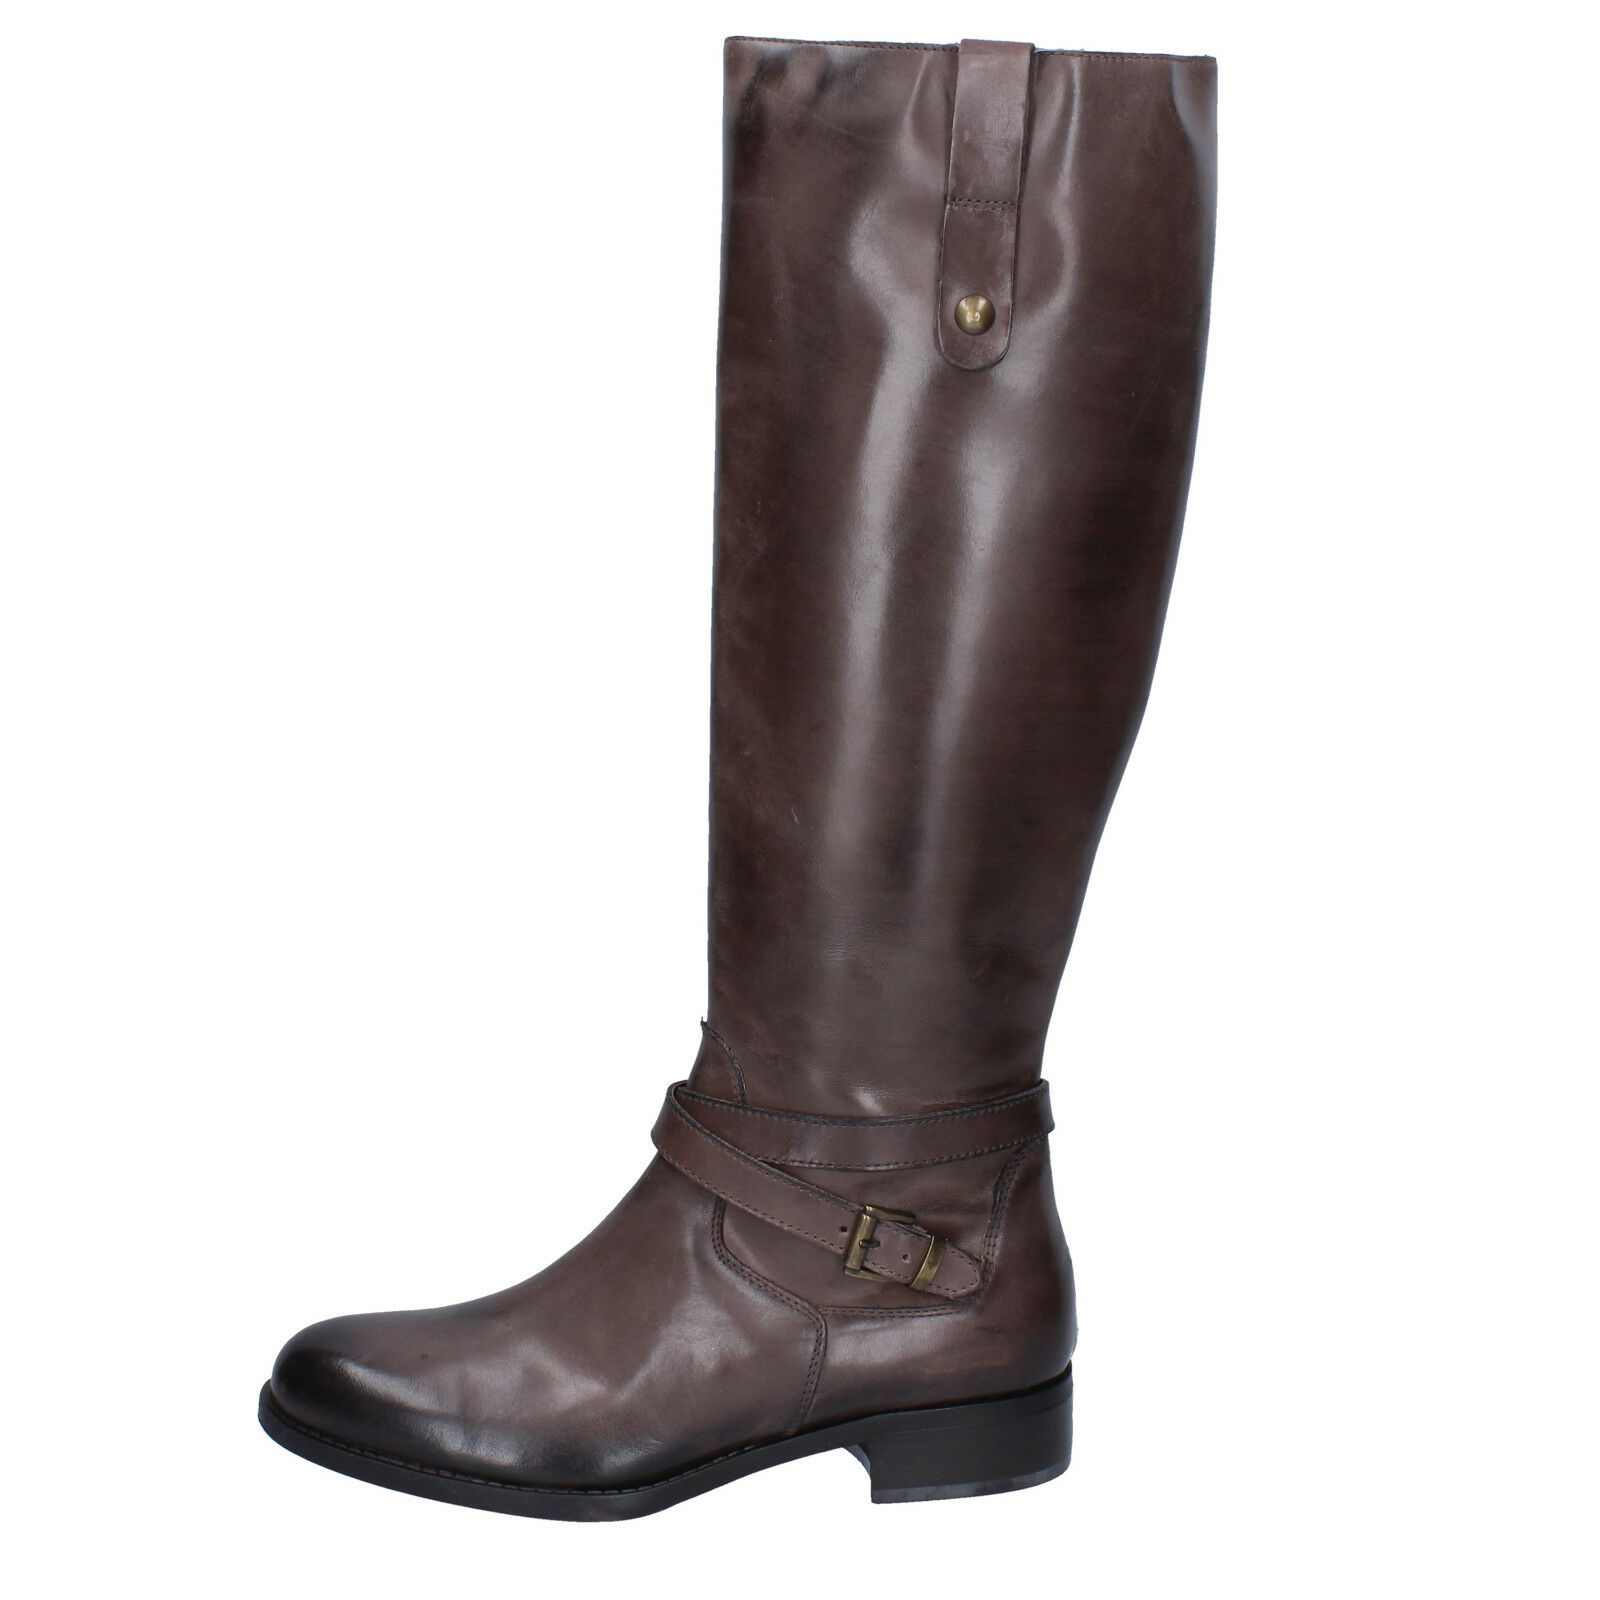 Zapatos especiales con descuento scarpe donna KAMMI 36 stivali beige scuro pelle BX432-36